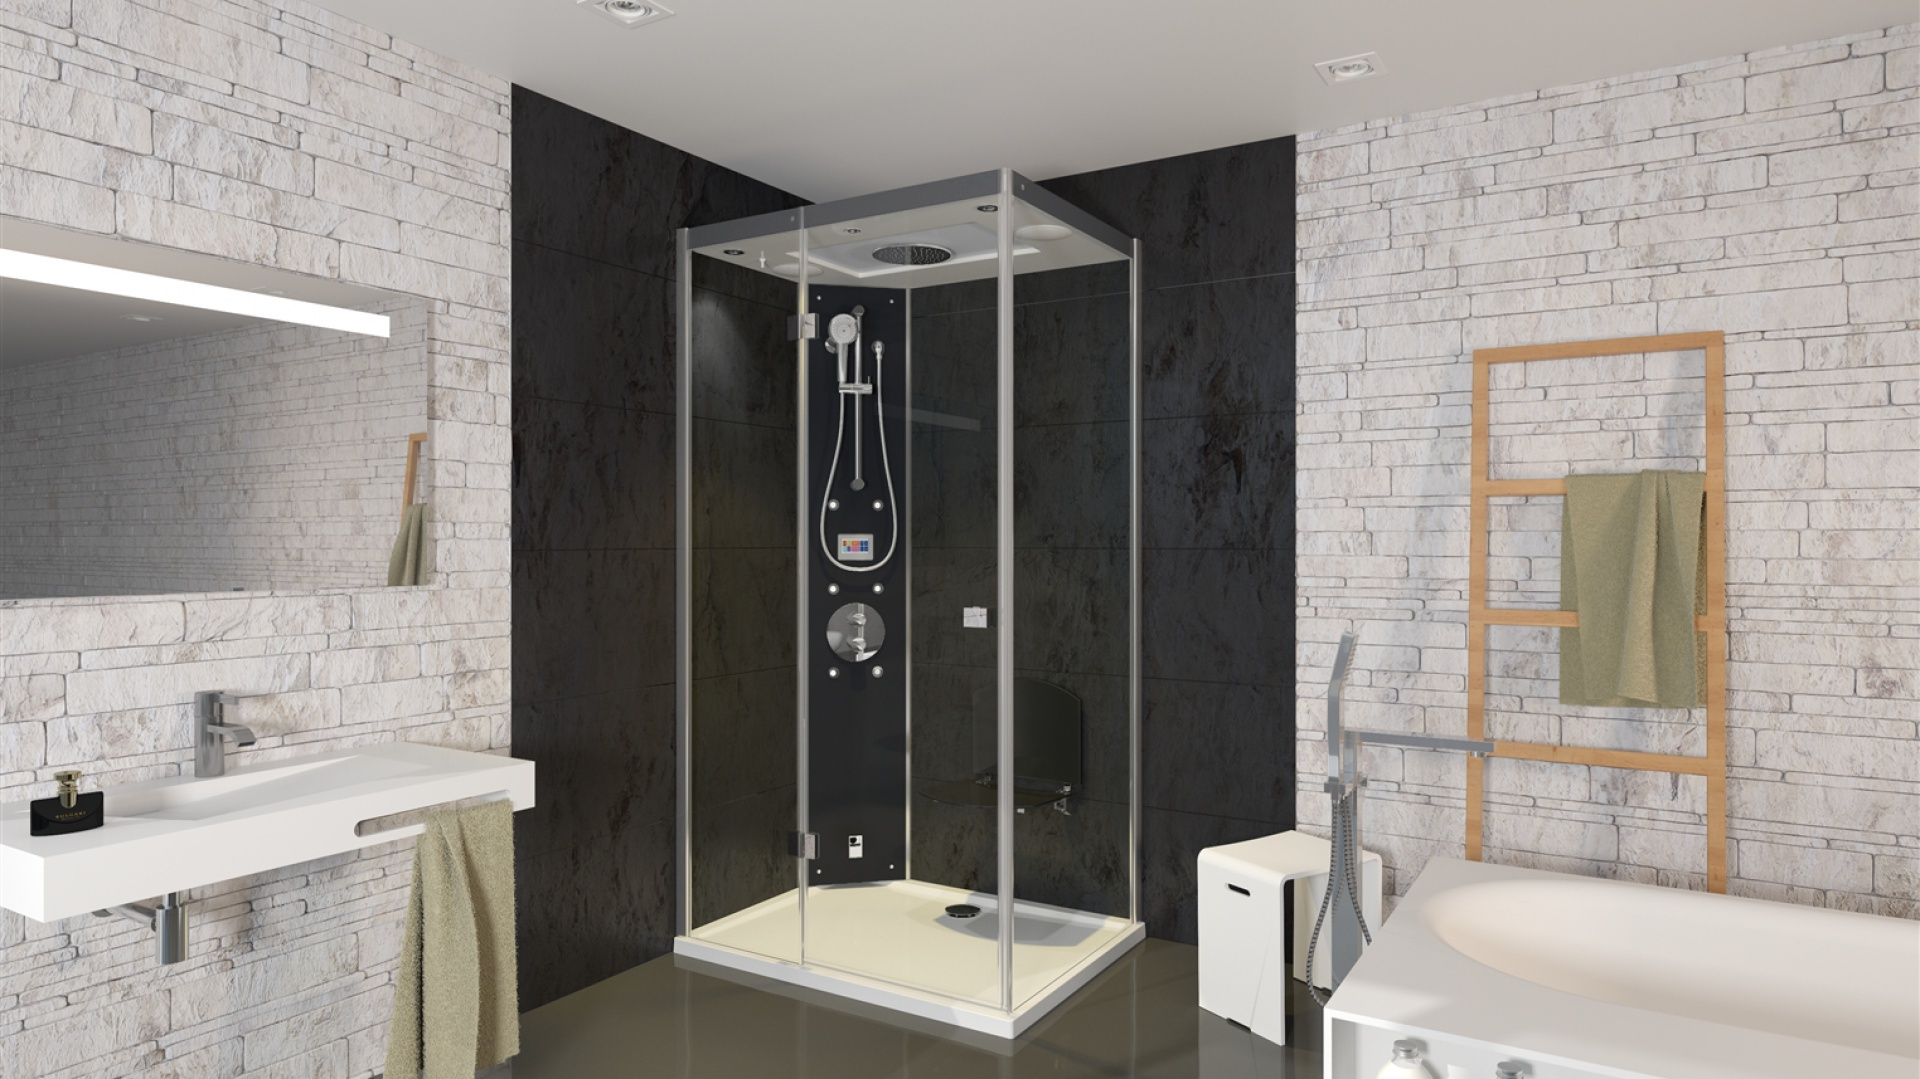 Kabina masażowo-parowa to znakomity wybór dla tych, którzy chcą korzystać i z wygodny prysznica, i z uroków domowego spa.   Na zdjęciu kabina Majestic z oferty Riho - aktywna cyrkulacja gwarantuje stałą i równomierną dystrybucję pary i ciepła, co znacznie podnosi komfort i przyjemność z użytkowania. Fot. Riho.